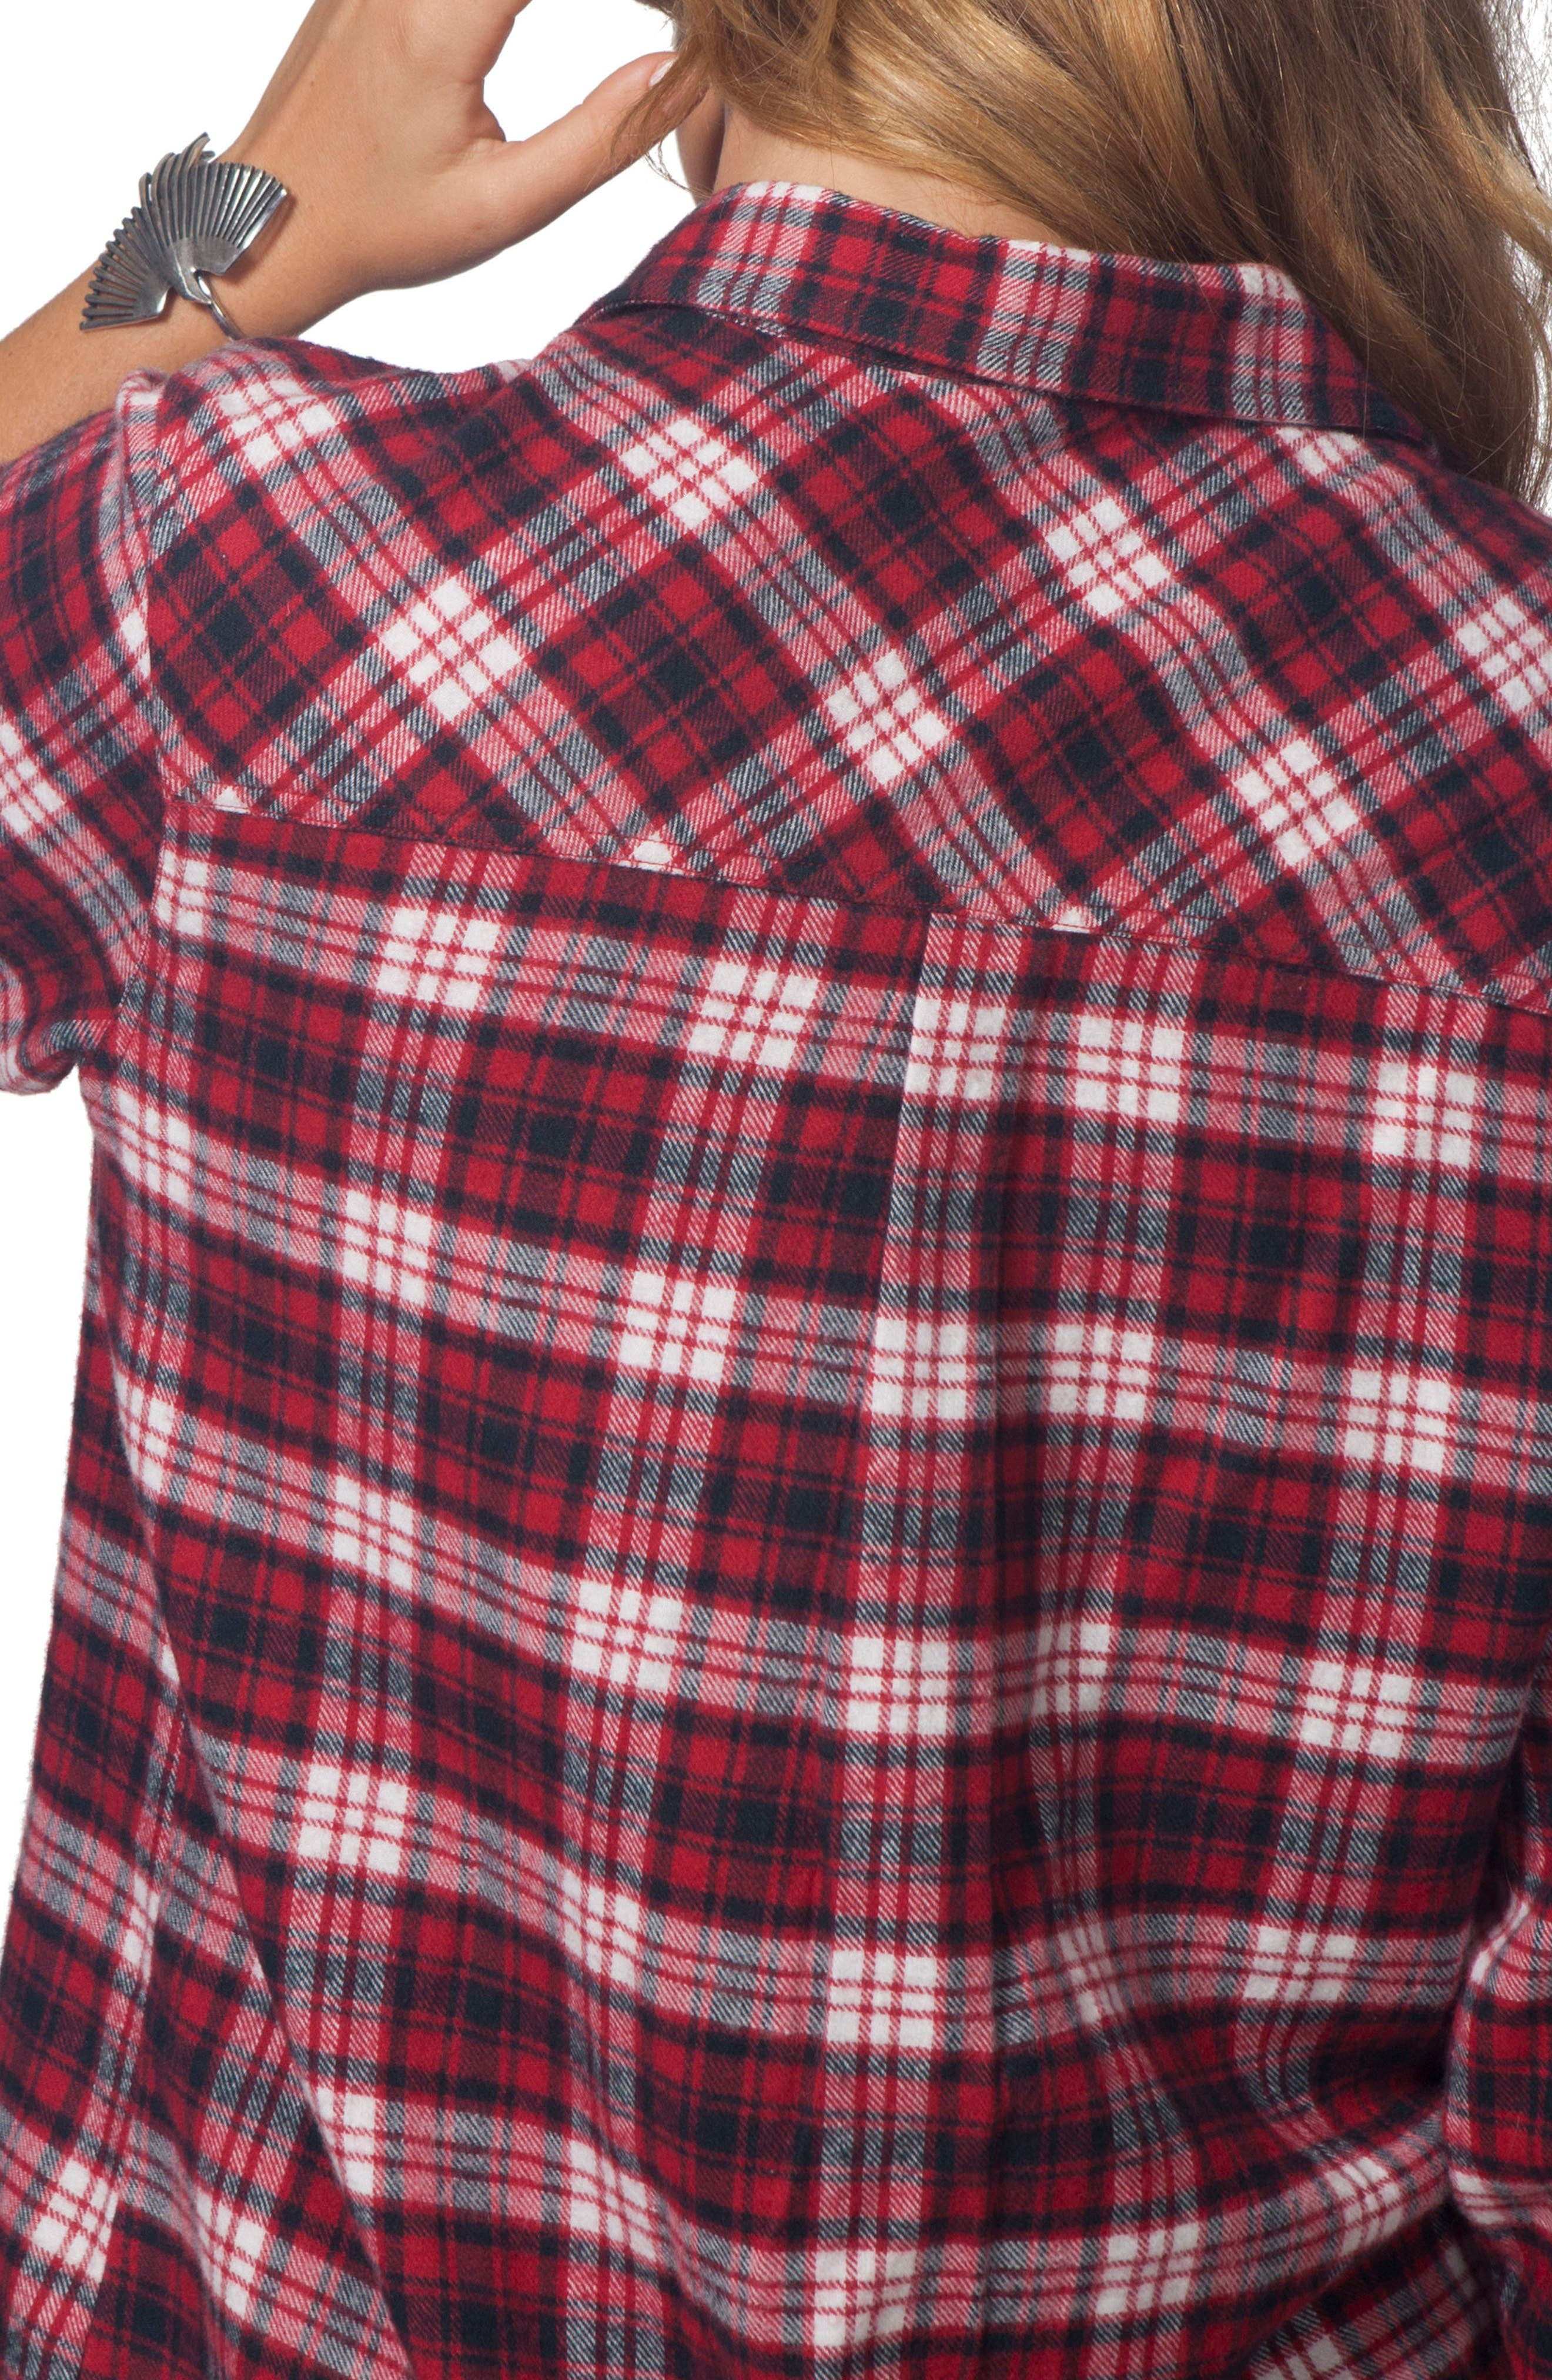 Bonfire Flannel Top,                             Alternate thumbnail 3, color,                             600